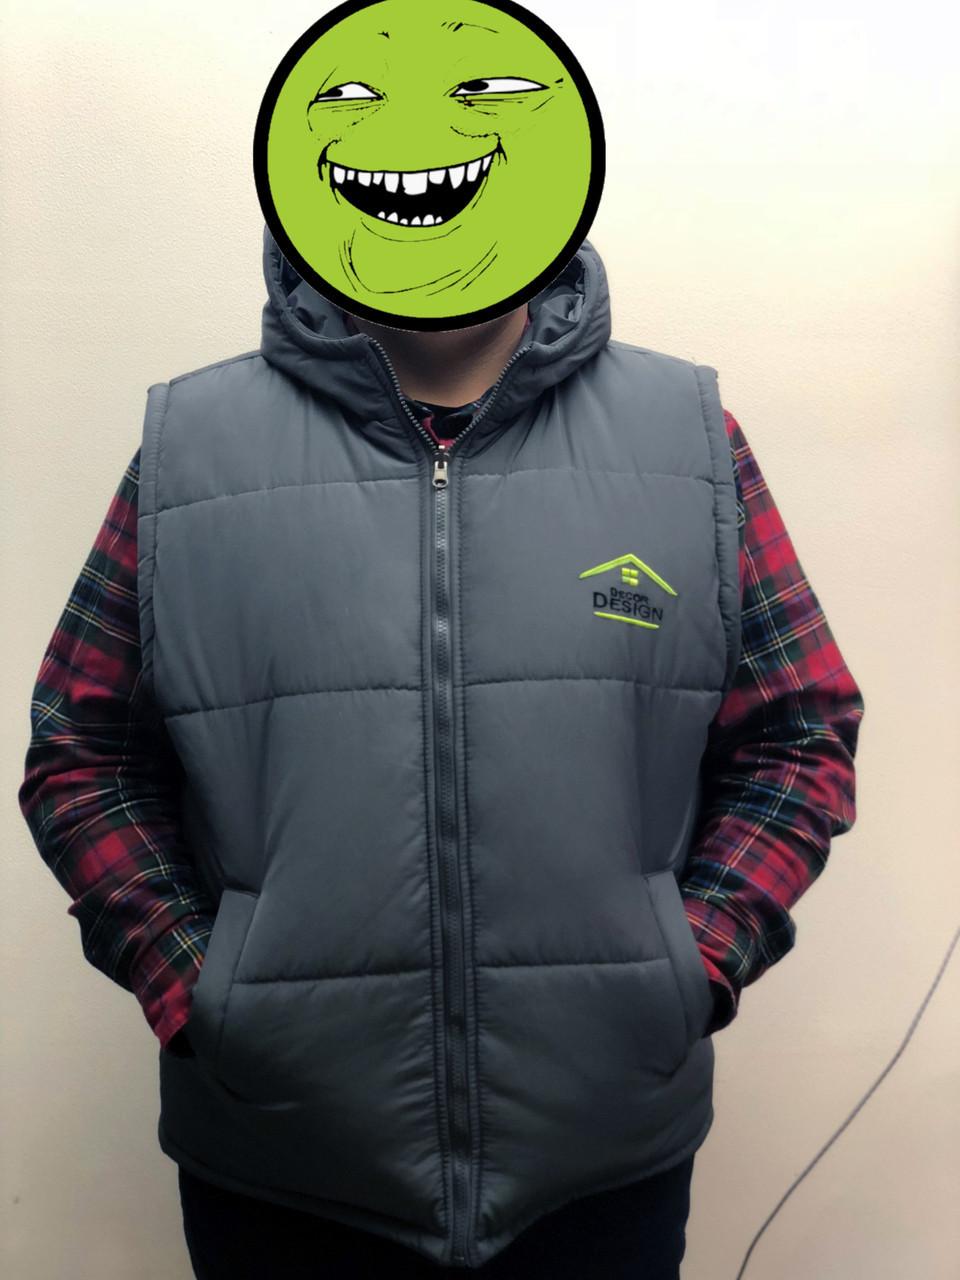 Двостороння брендовий куртка-безрукавка від Decor Design